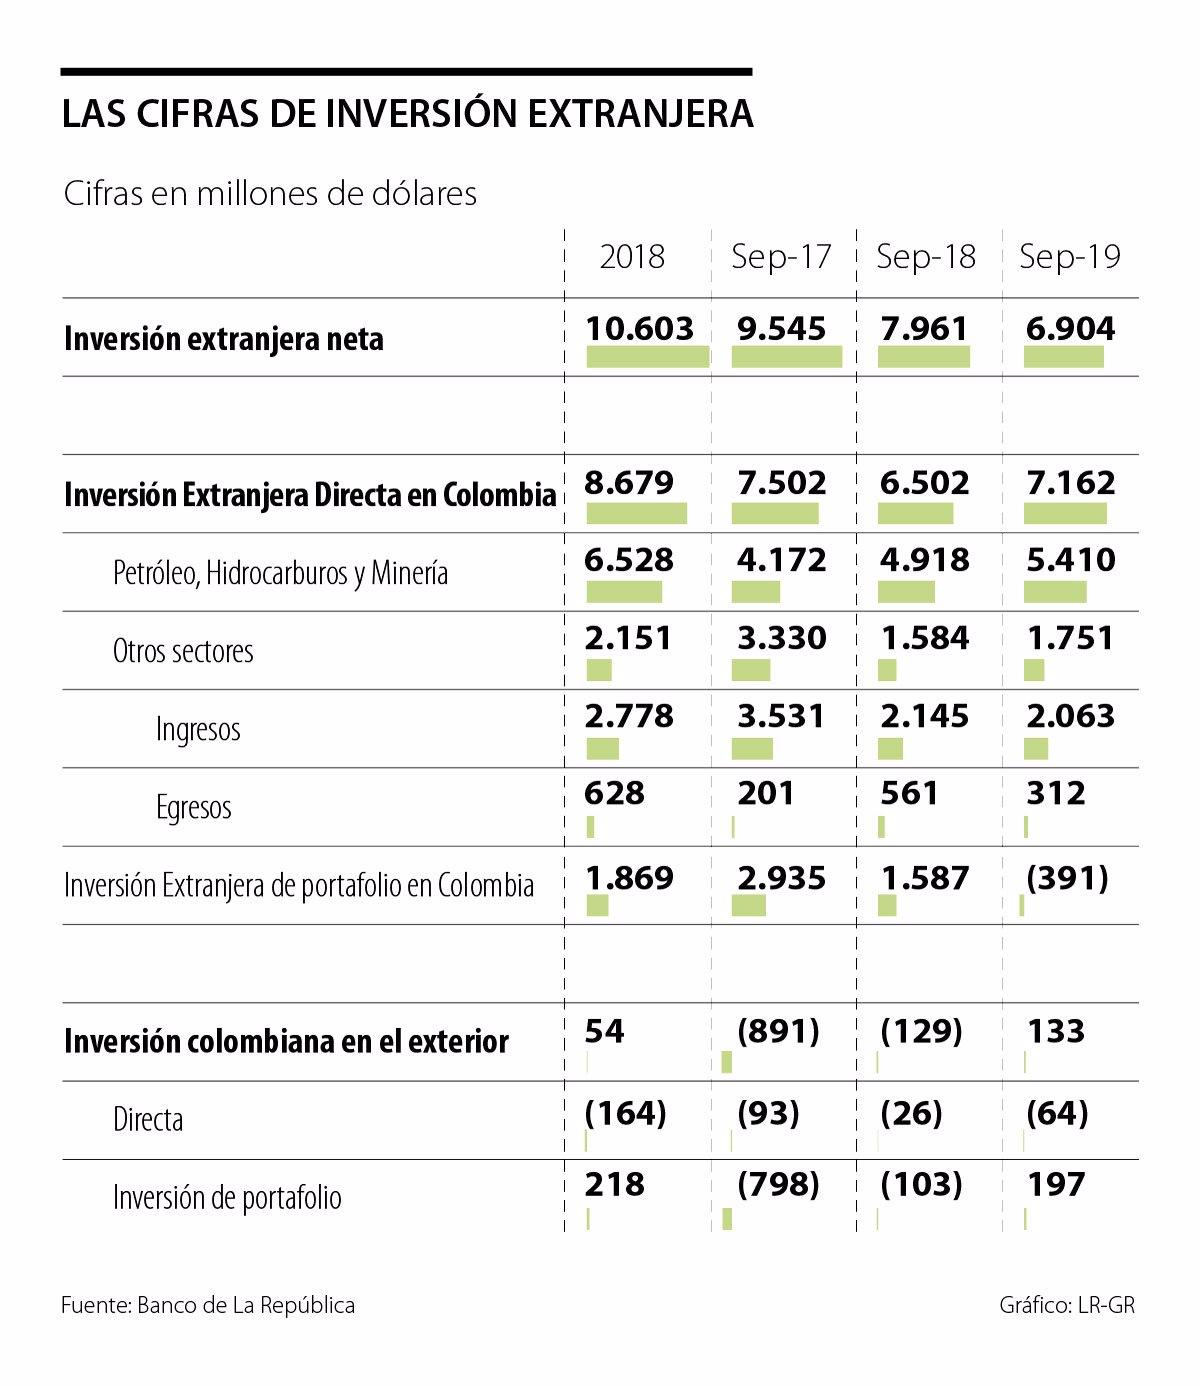 La inversión extranjera directa llegó a US$7.162 millones a septiembre